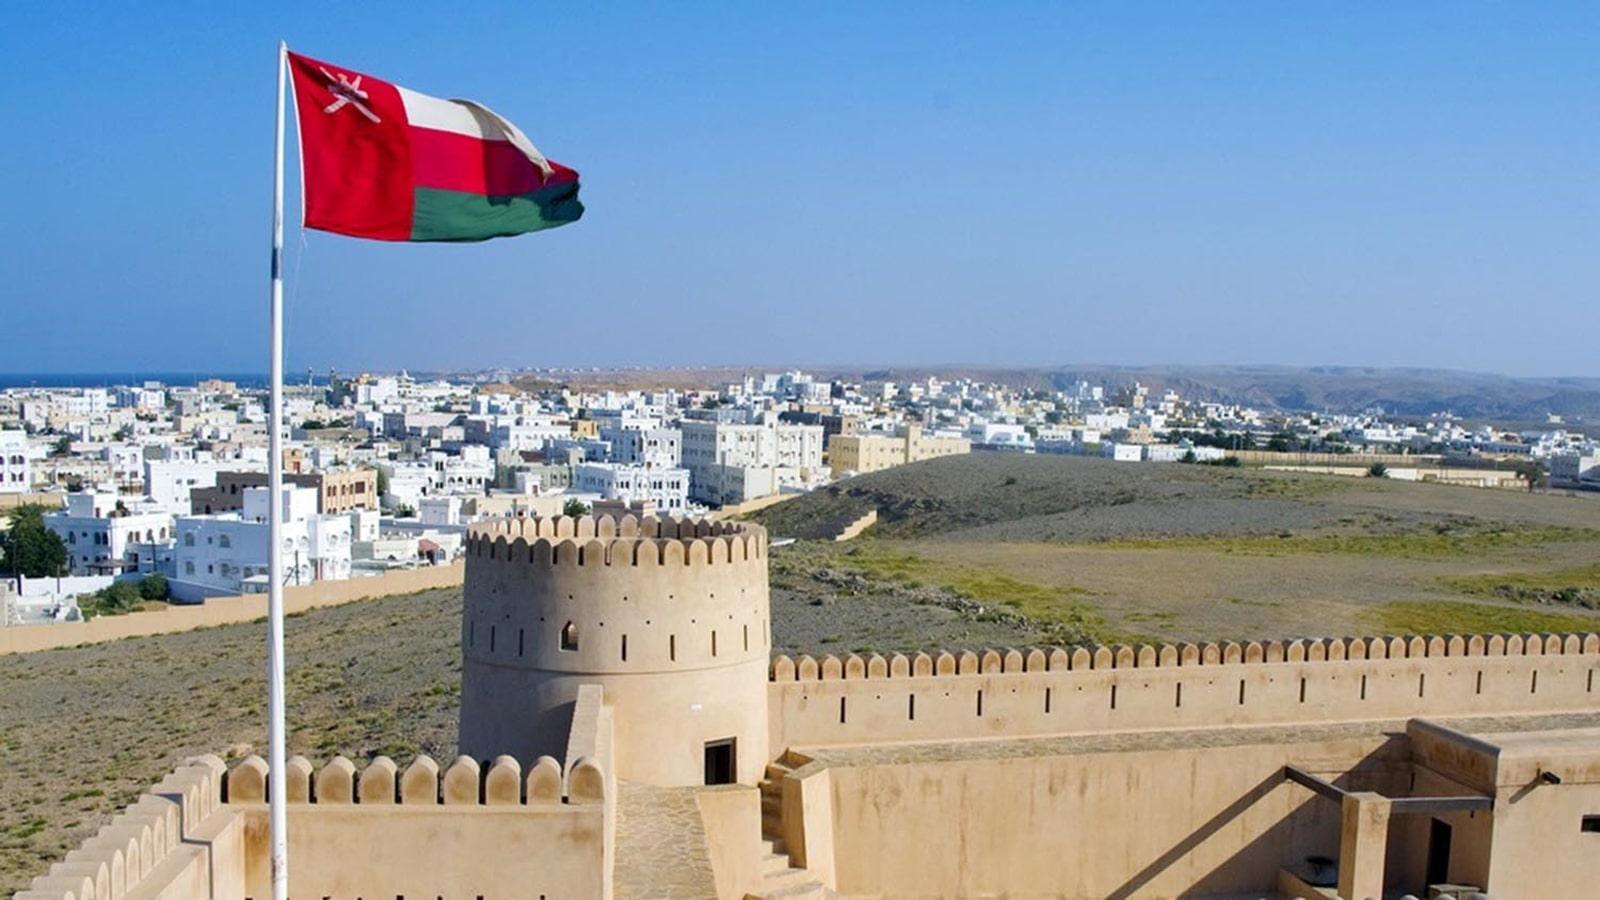 سلطنة عمان تطرح برنامج إقامة مستثمر